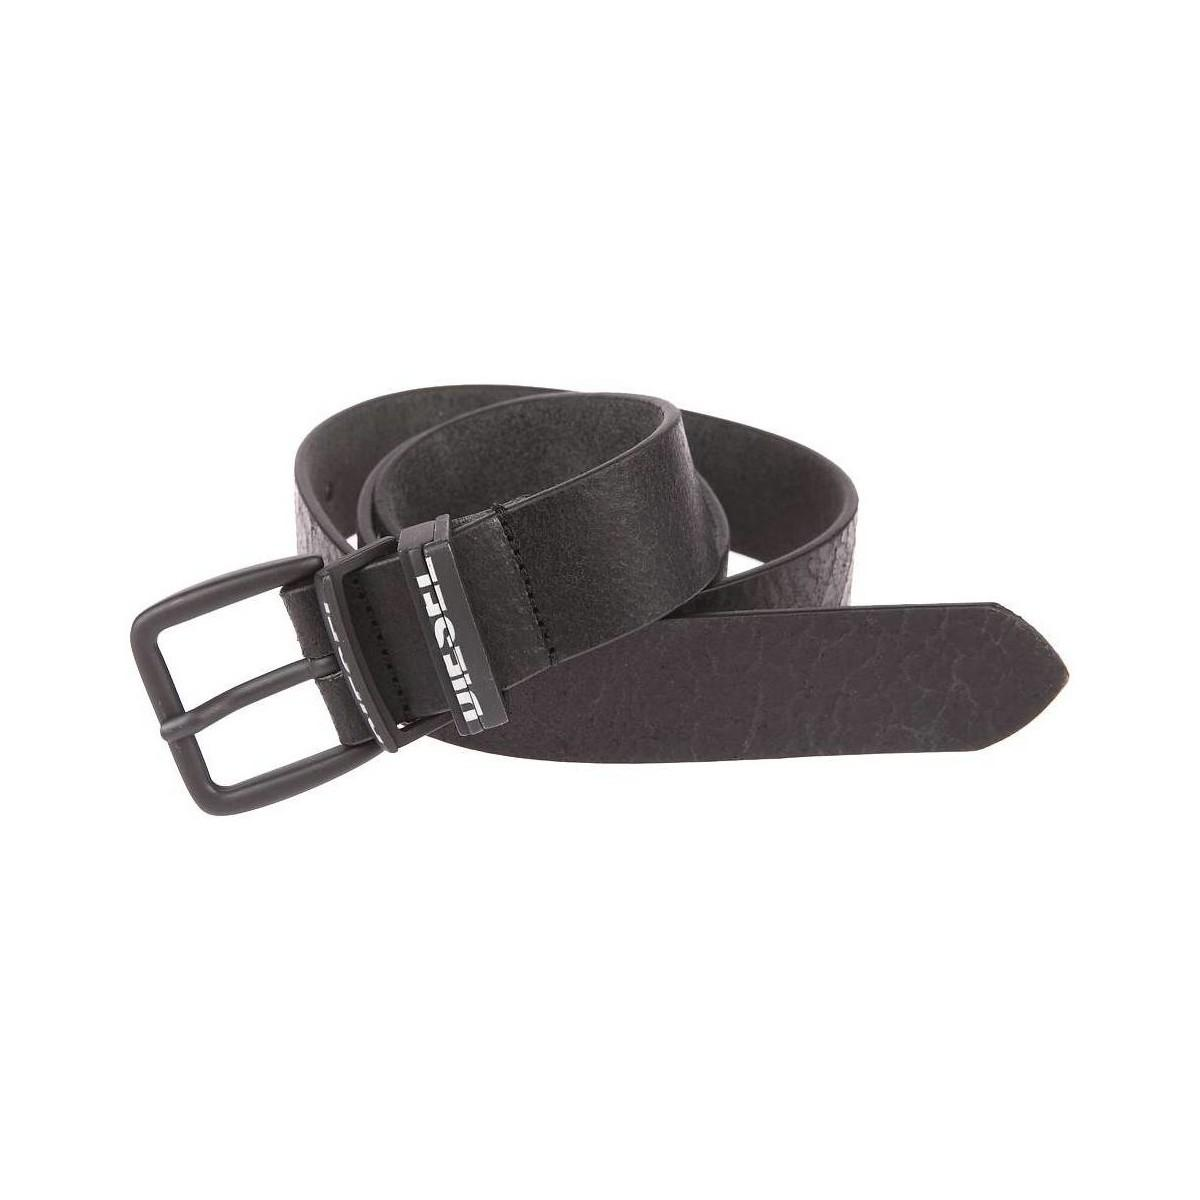 7db10b775b2 Lyst - - accessoires de mode hommes Ceinture en Noir DIESEL pour ...